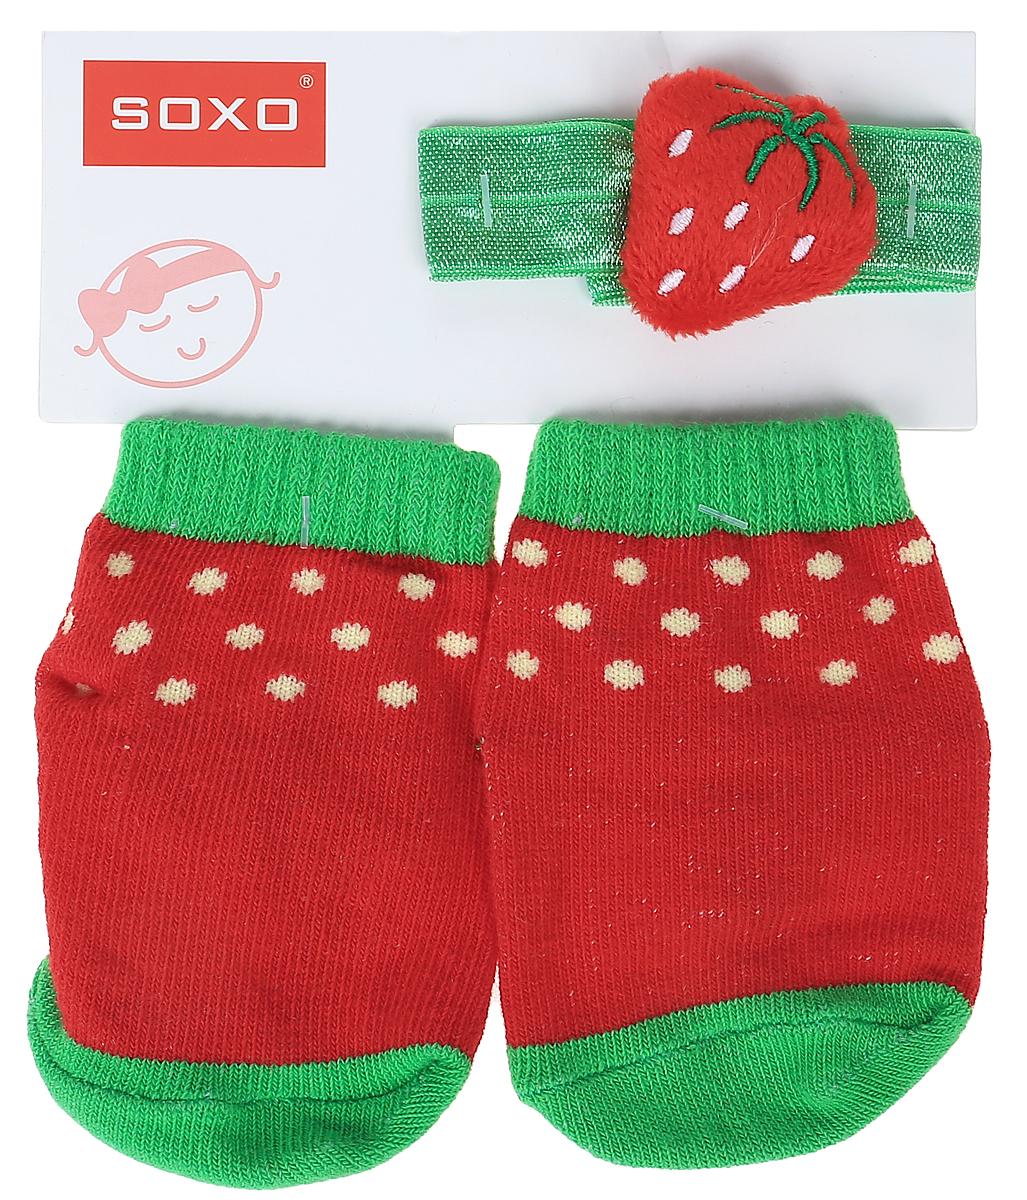 Комплект для девочек Soxo: носки и повязка на голову, цвет: красный. 65014_5. Размер 16/1865014_5